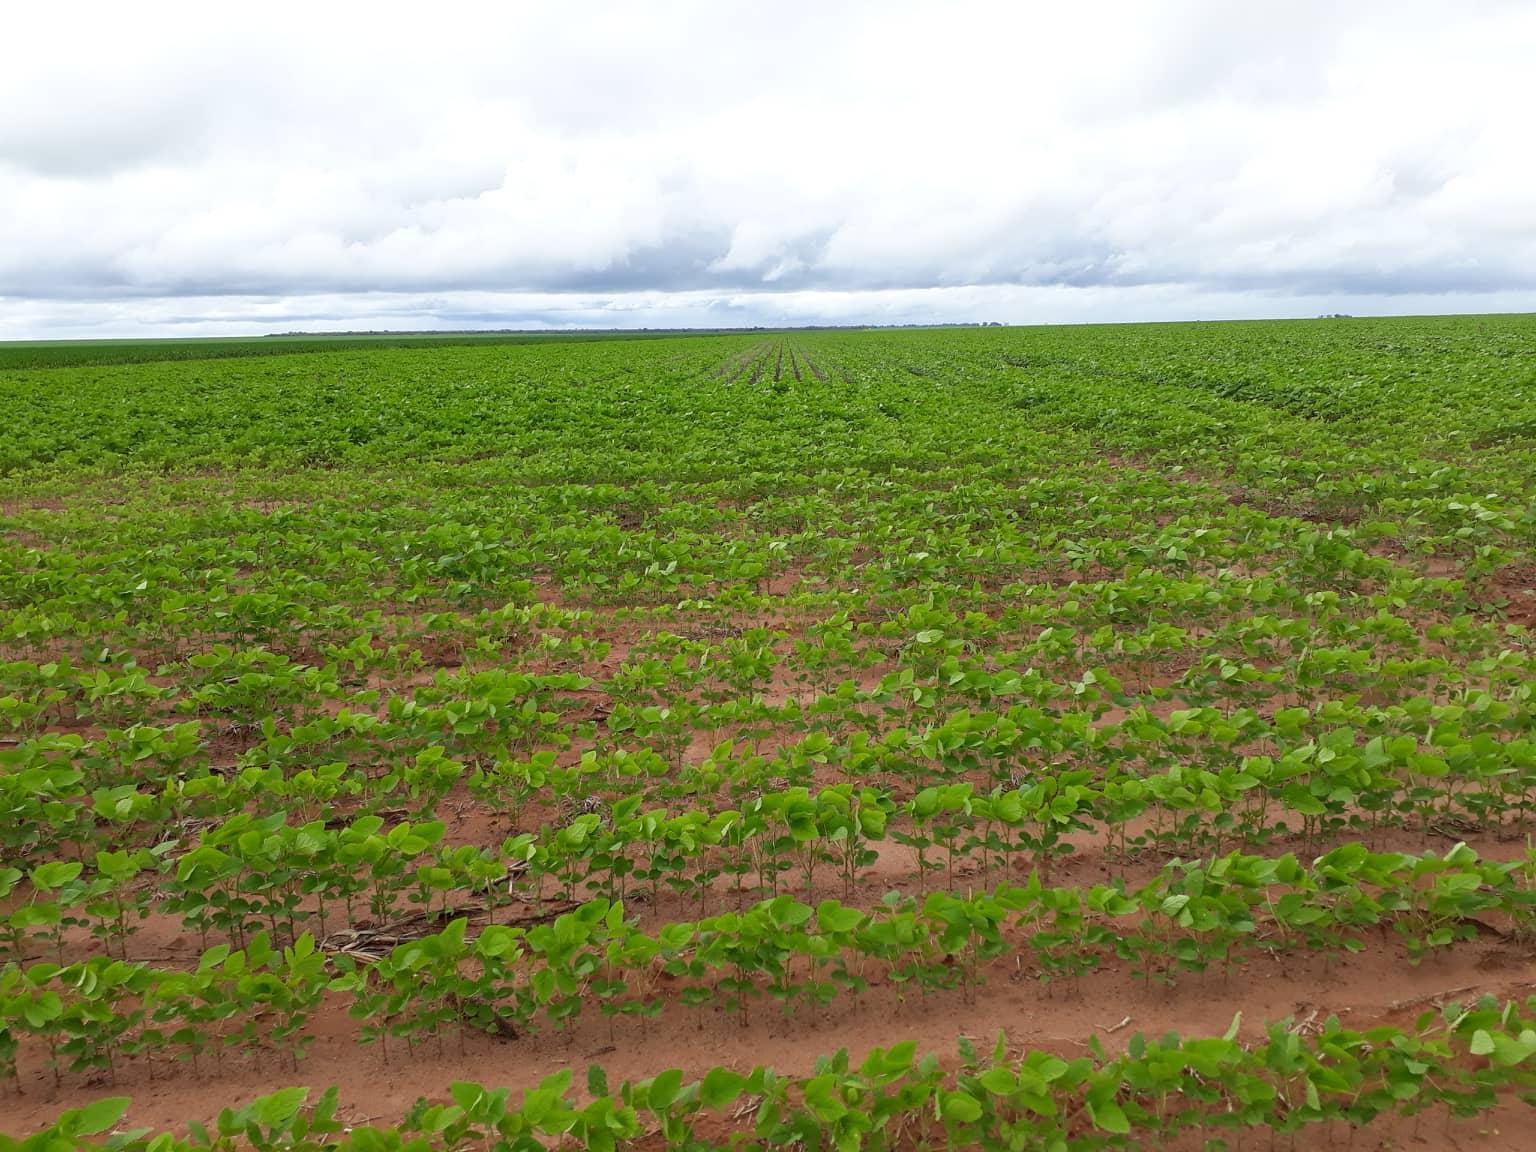 campos-de-soja--Soja-velden--2